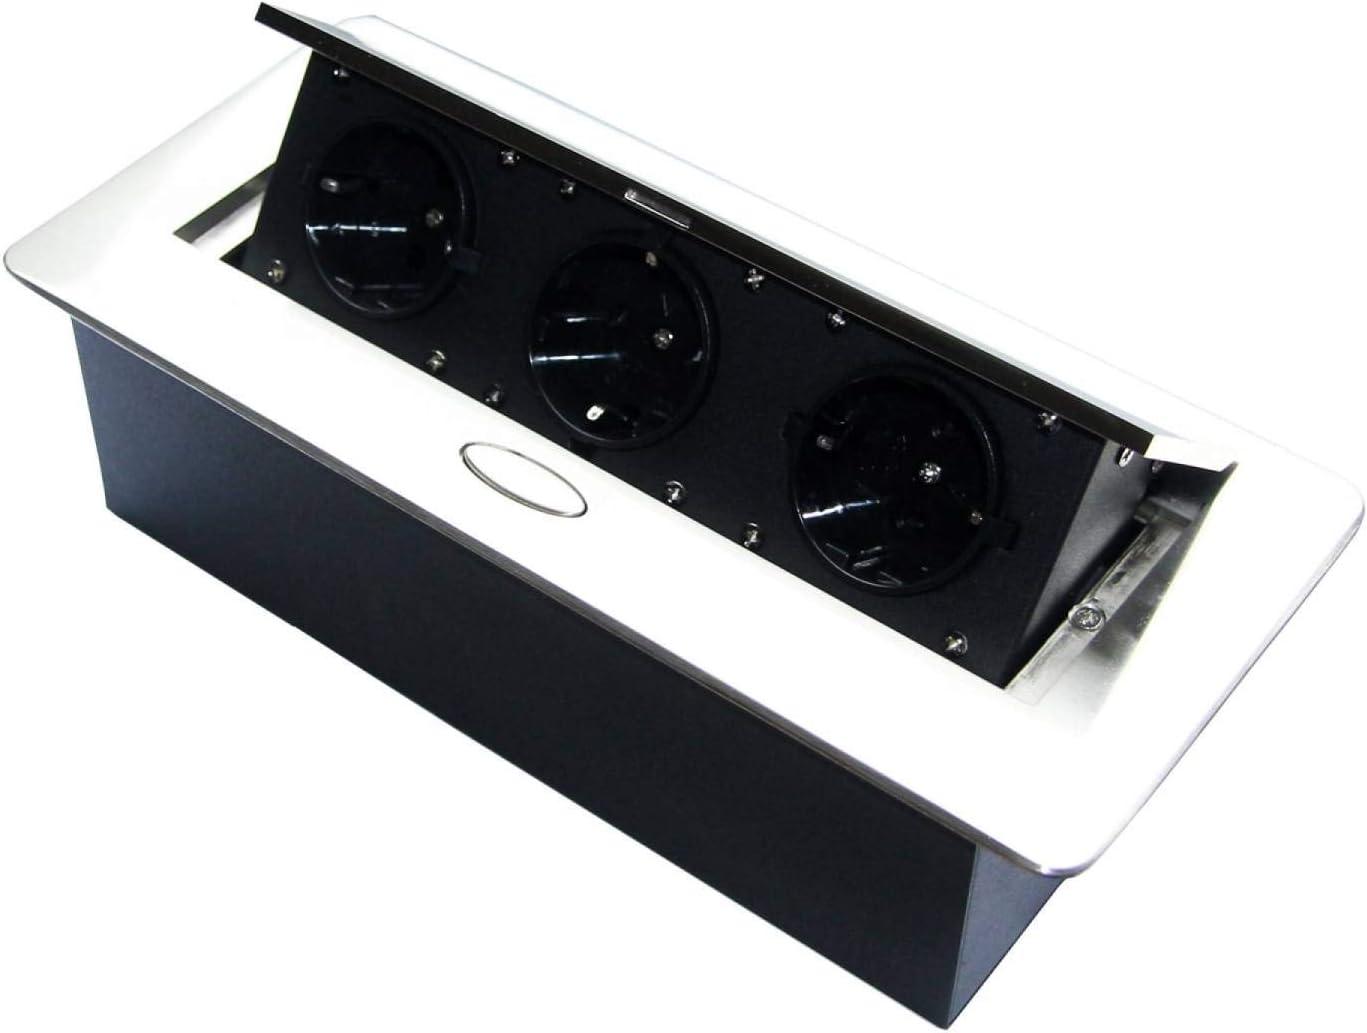 Toma de corriente retráctil para cocina y oficina con apertura suave - Ideal para encimera, como toma de mesa o toma de suelo - Inyección de aluminio con tres elementos de toma |